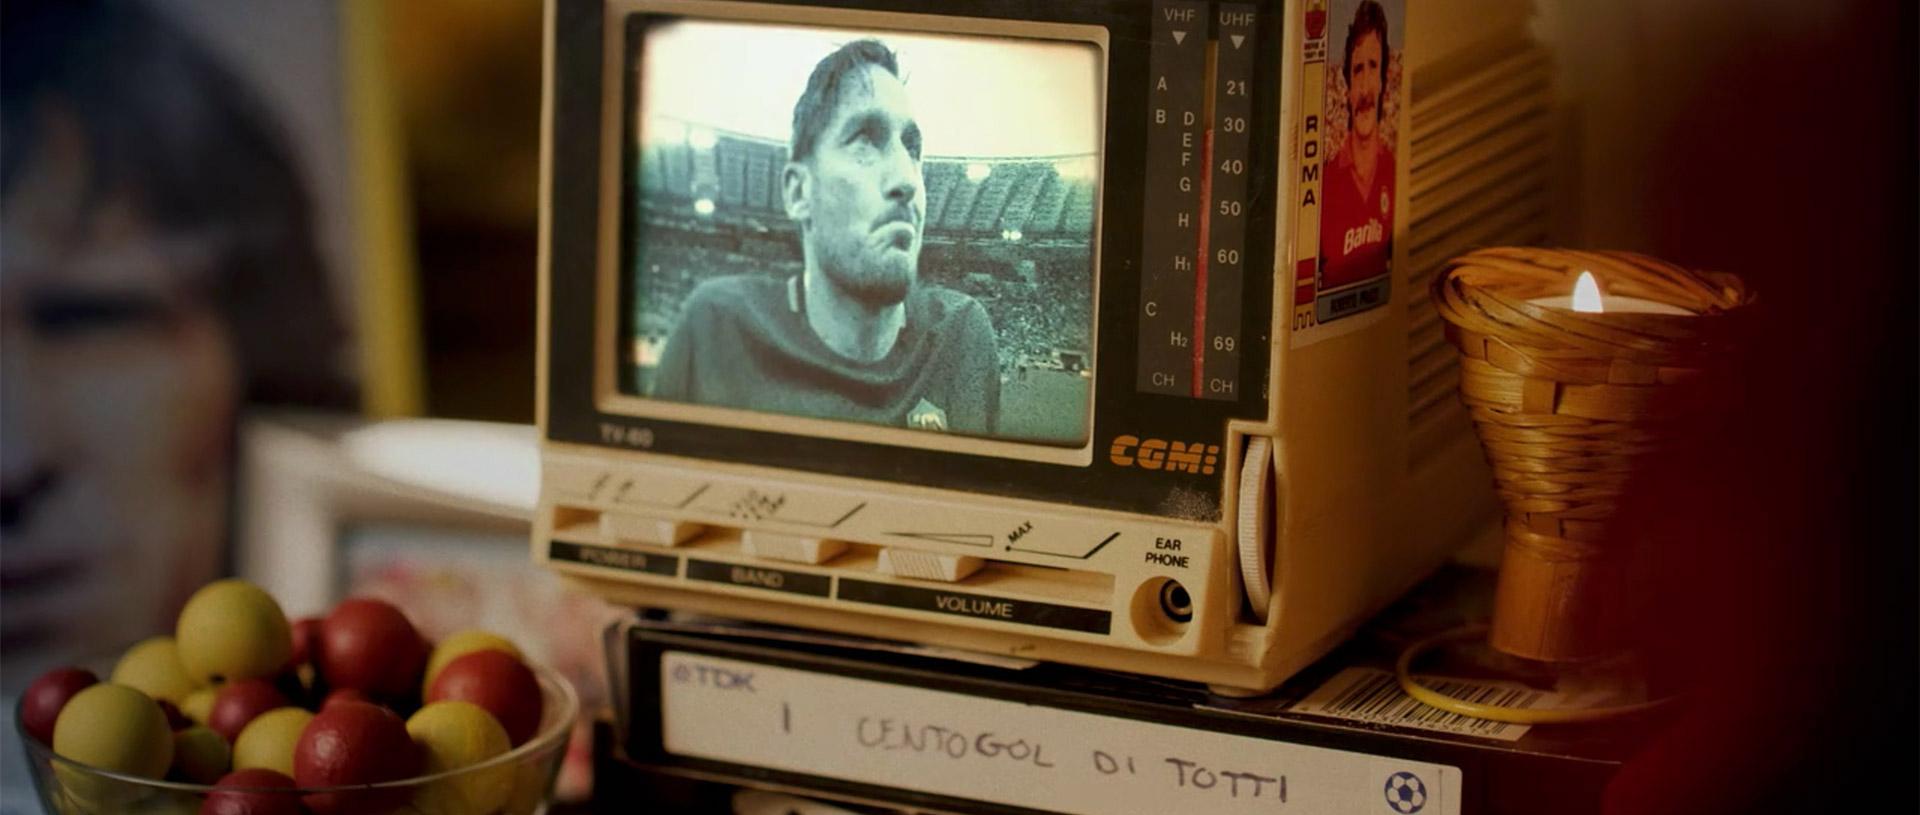 Generazione Totti